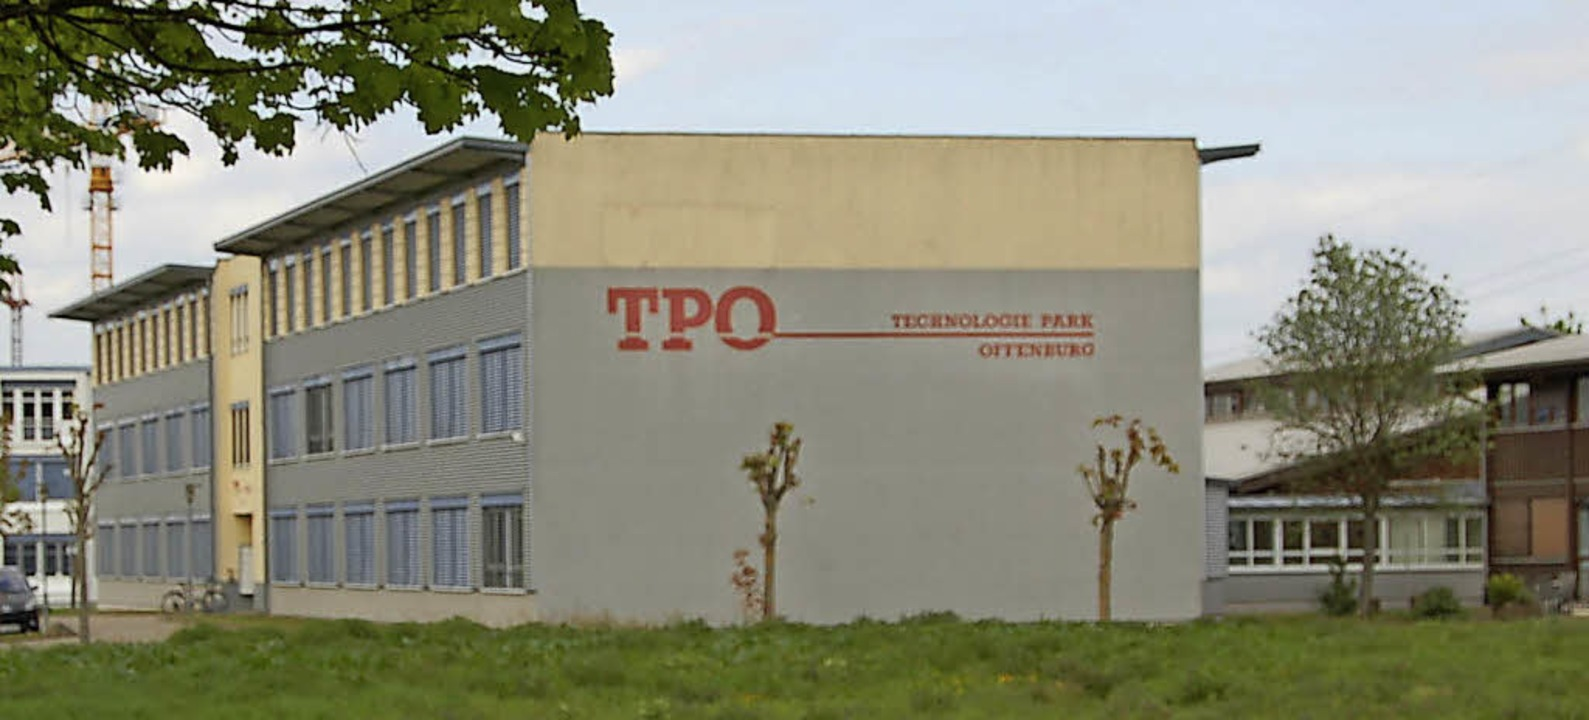 ... Existenzgründerzentrum: der Technologiepark Offenburg (TPO)   Foto: hrö